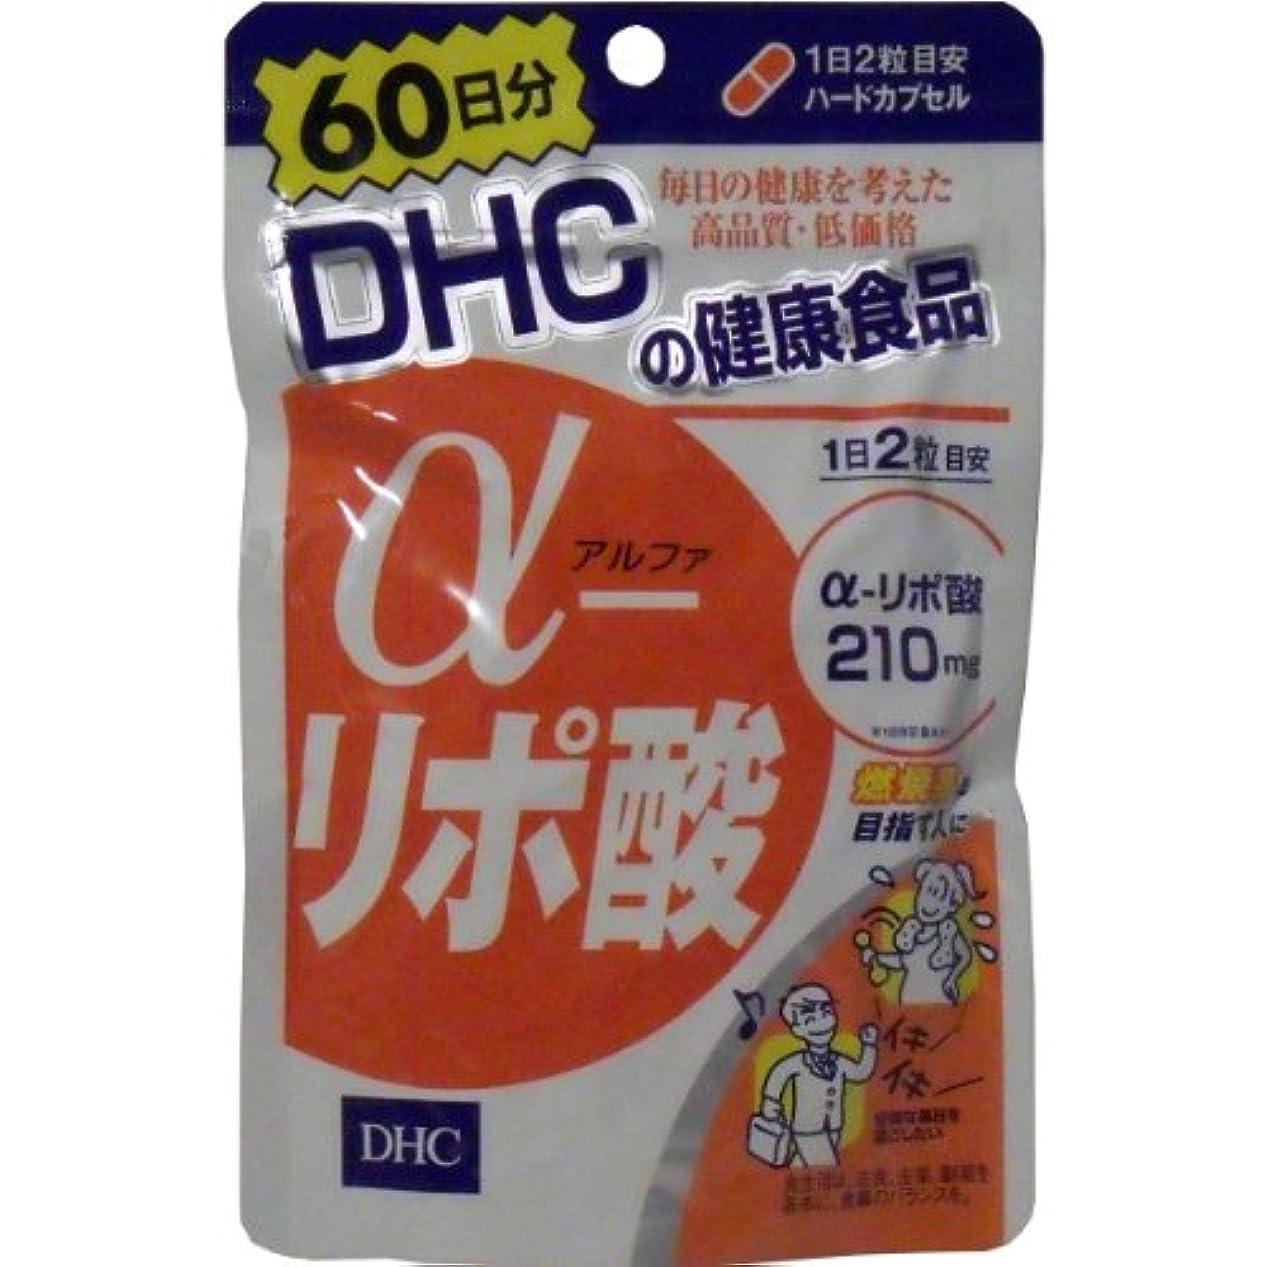 大工日曜日平方DHC α-リポ酸60日分 120粒×3個セット